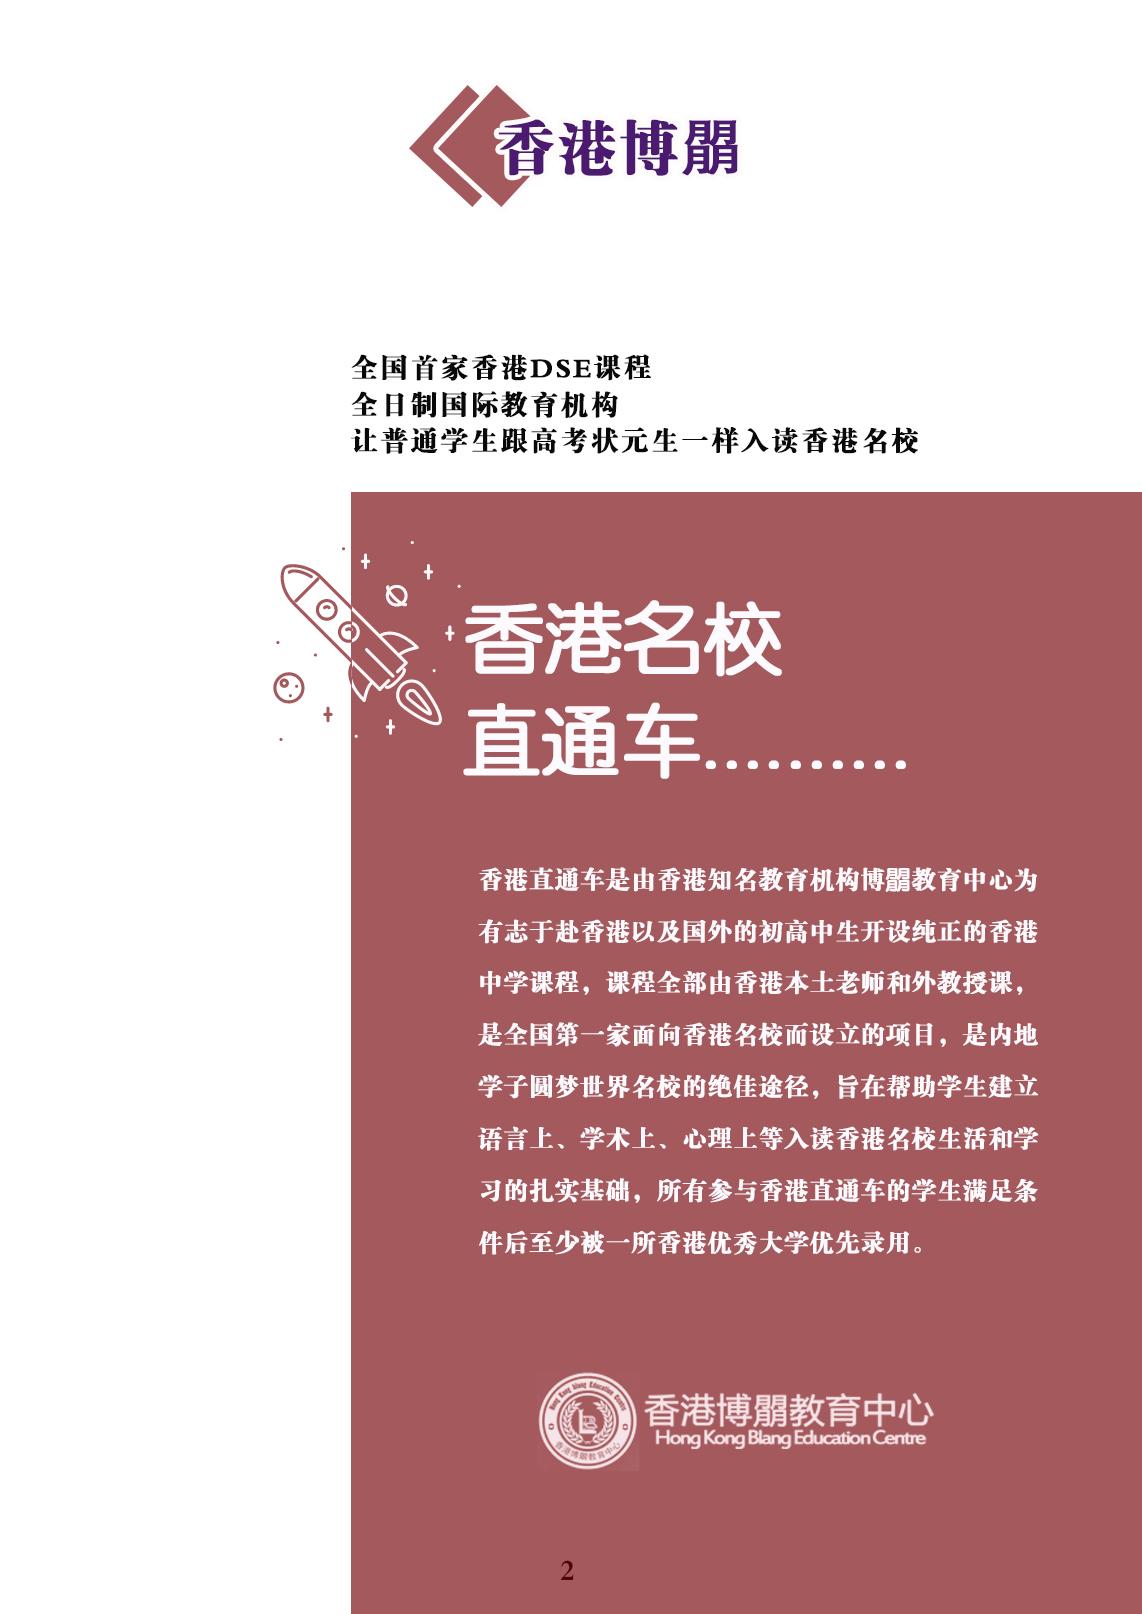 香港直通车面向全国招商